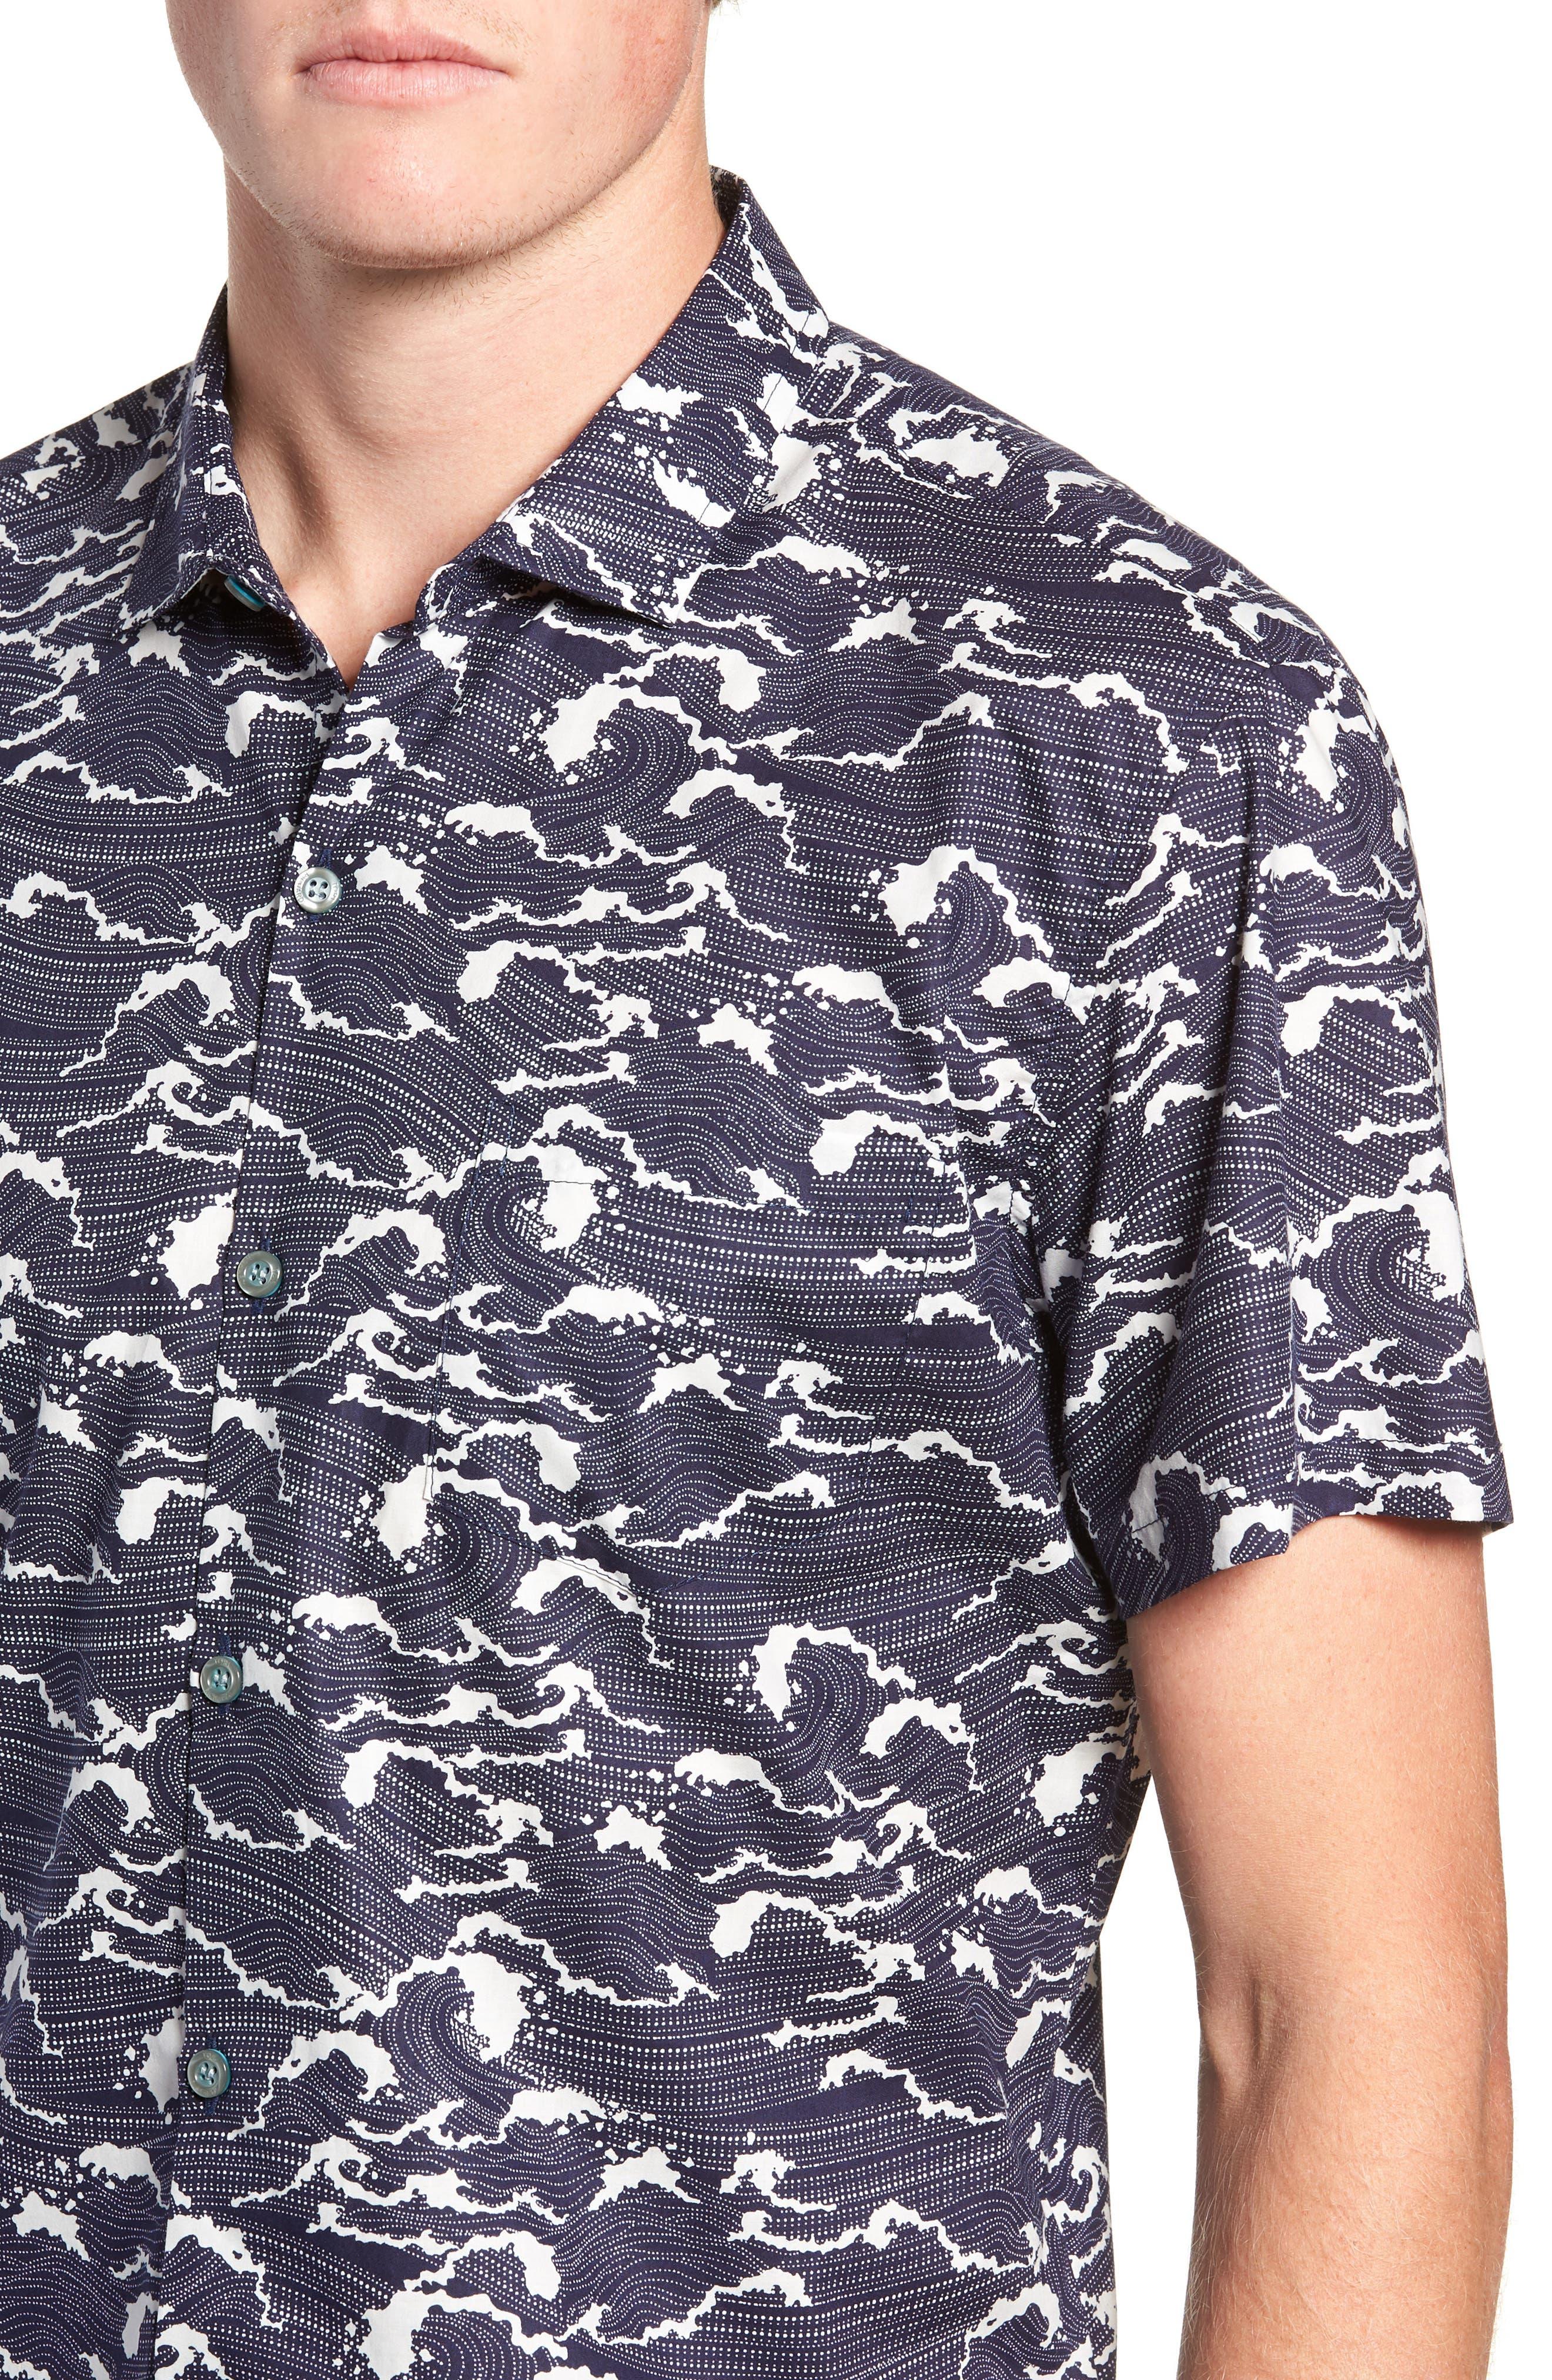 Ebb & Flow Trim Fit Camp Shirt,                             Alternate thumbnail 4, color,                             NAVY